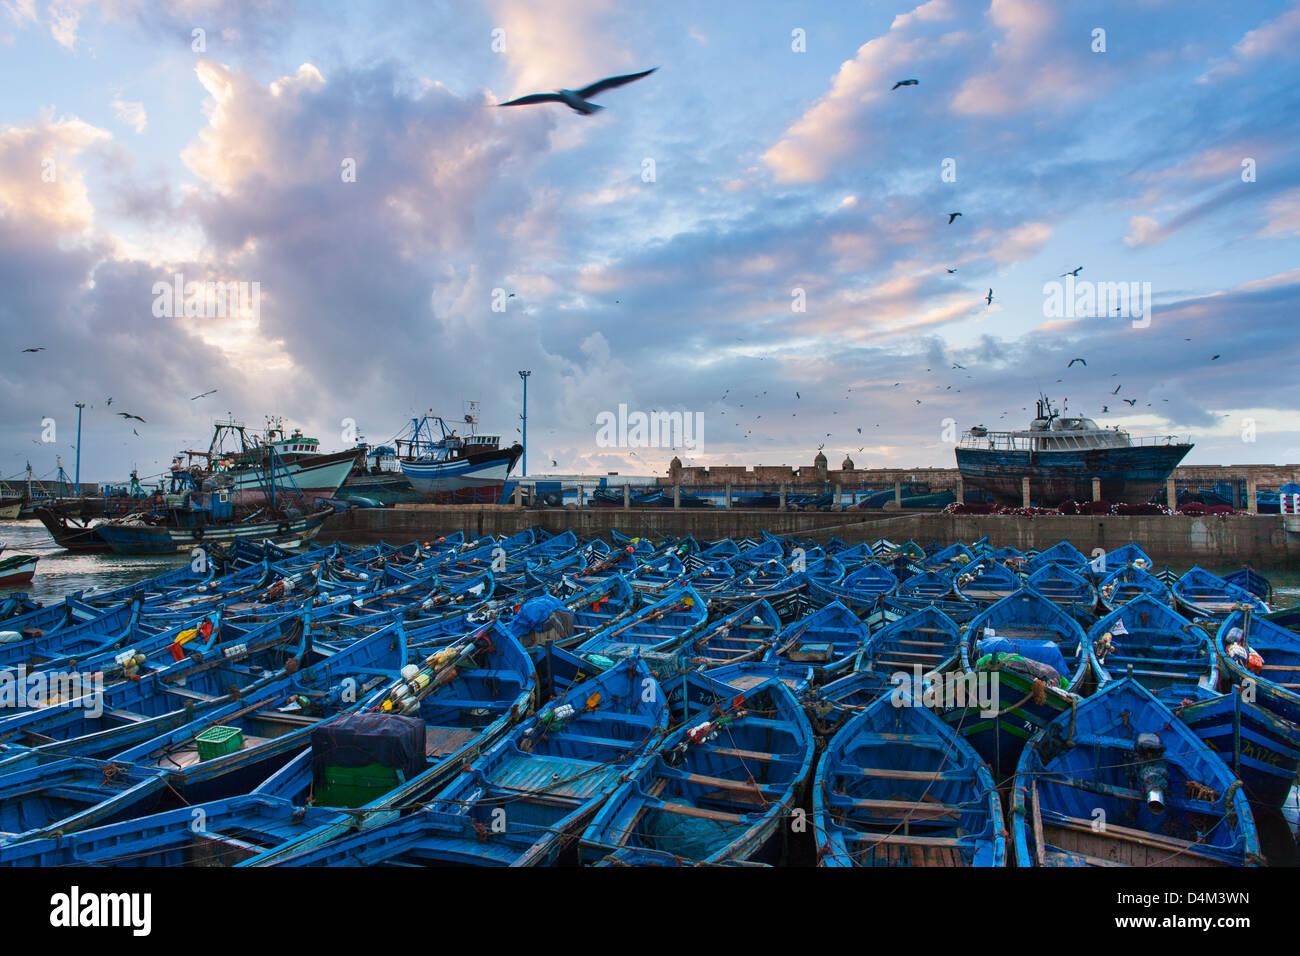 Gli uccelli volare sopra le barche nel porto urbano Immagini Stock